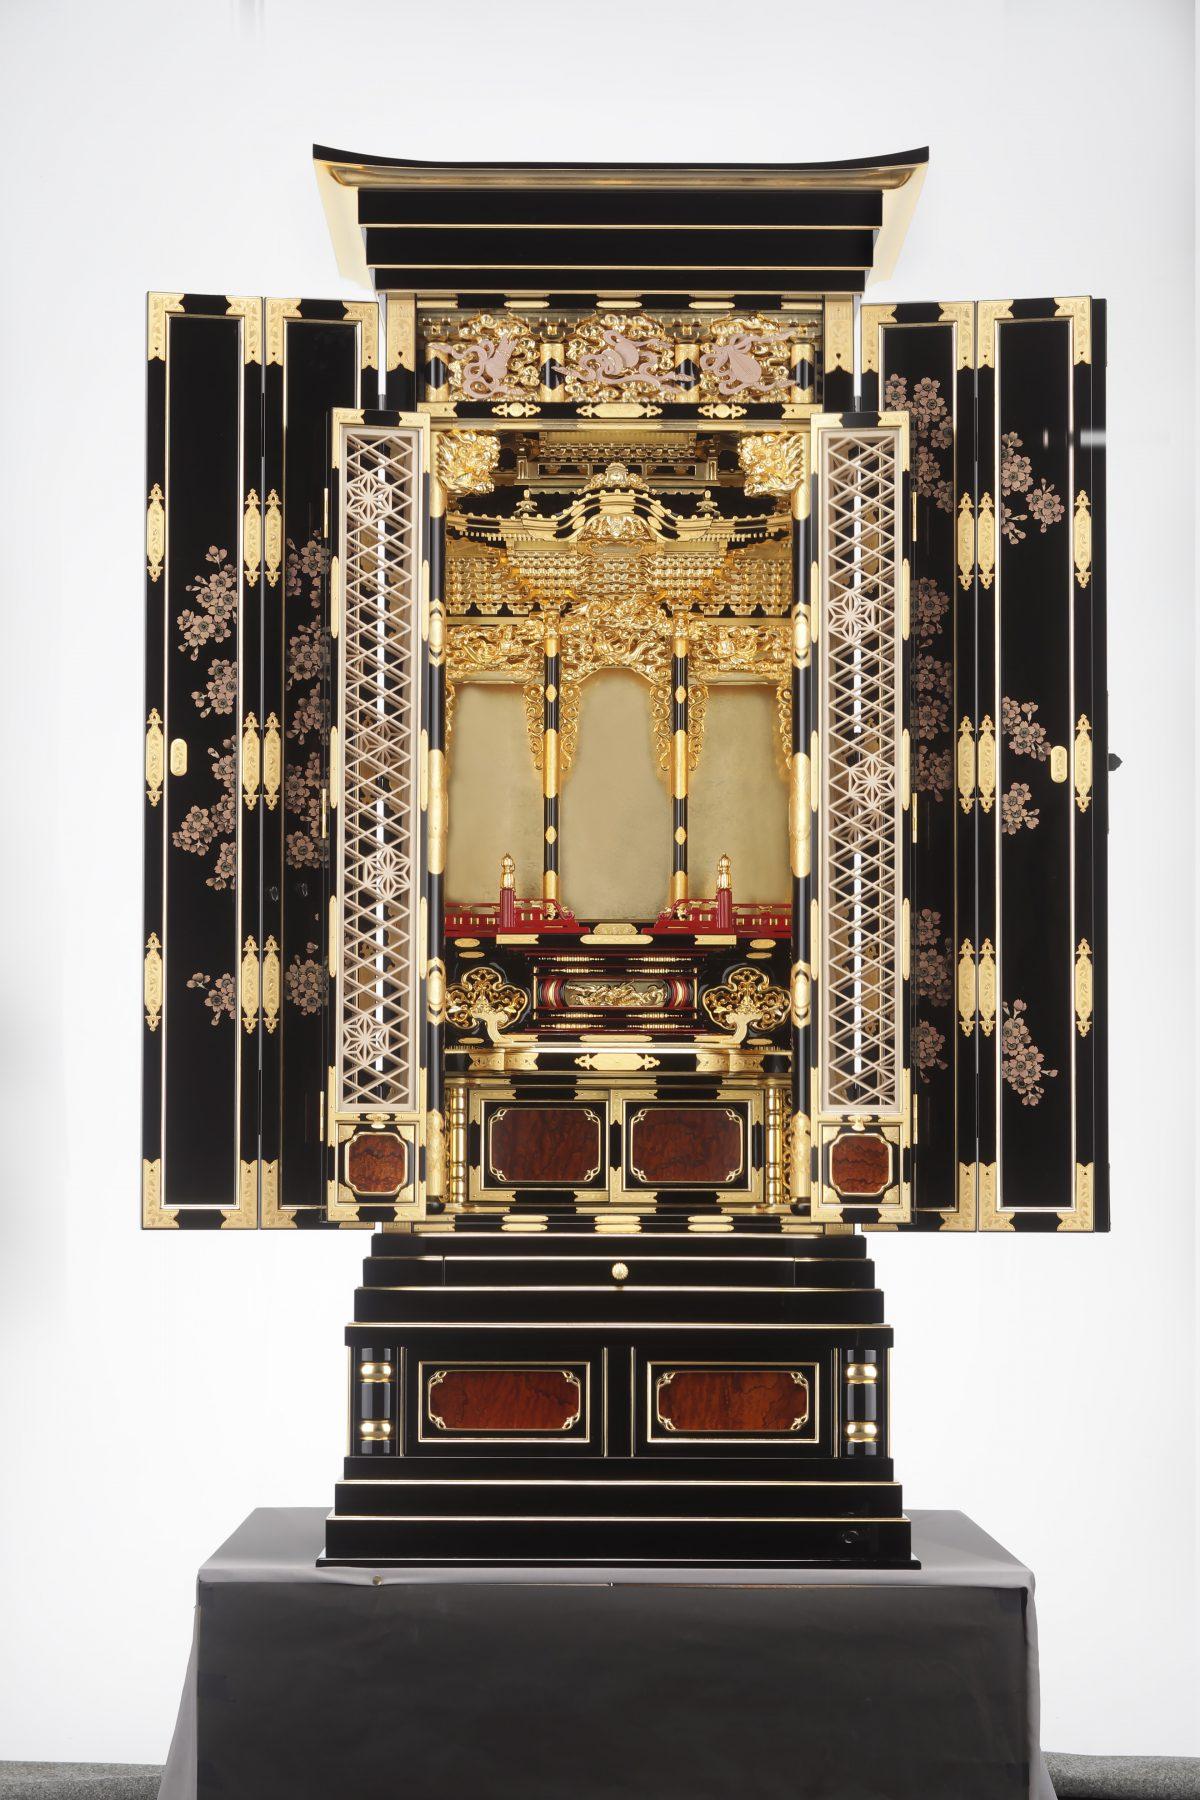 第24回伝統的工芸品仏壇仏具展で受賞しました。